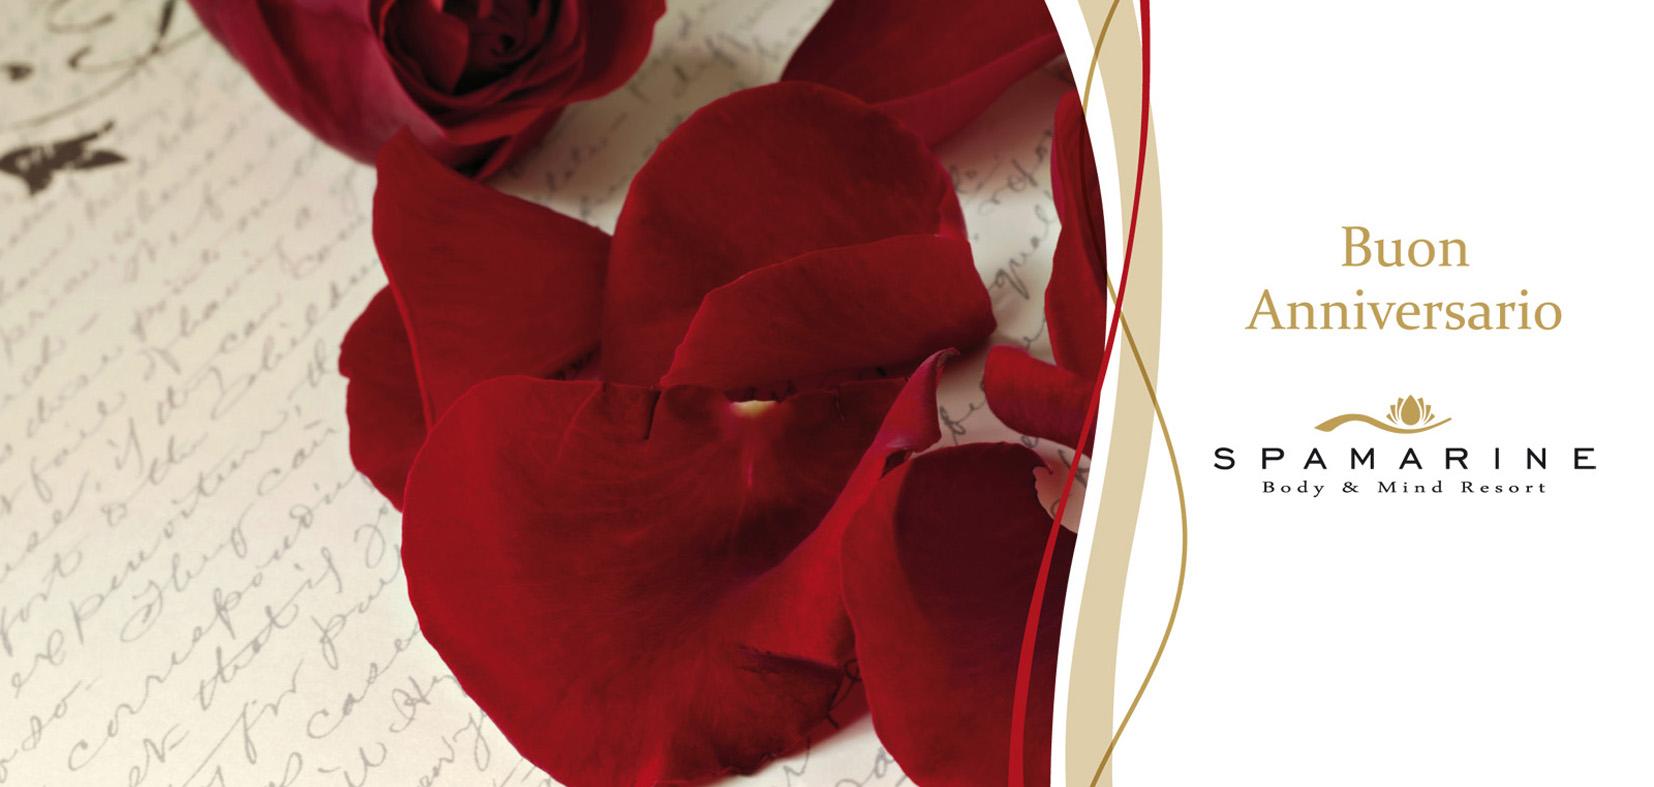 Anniversario Di Matrimonio Centro Benessere.Anniversario Di Matrimonio Spamarine